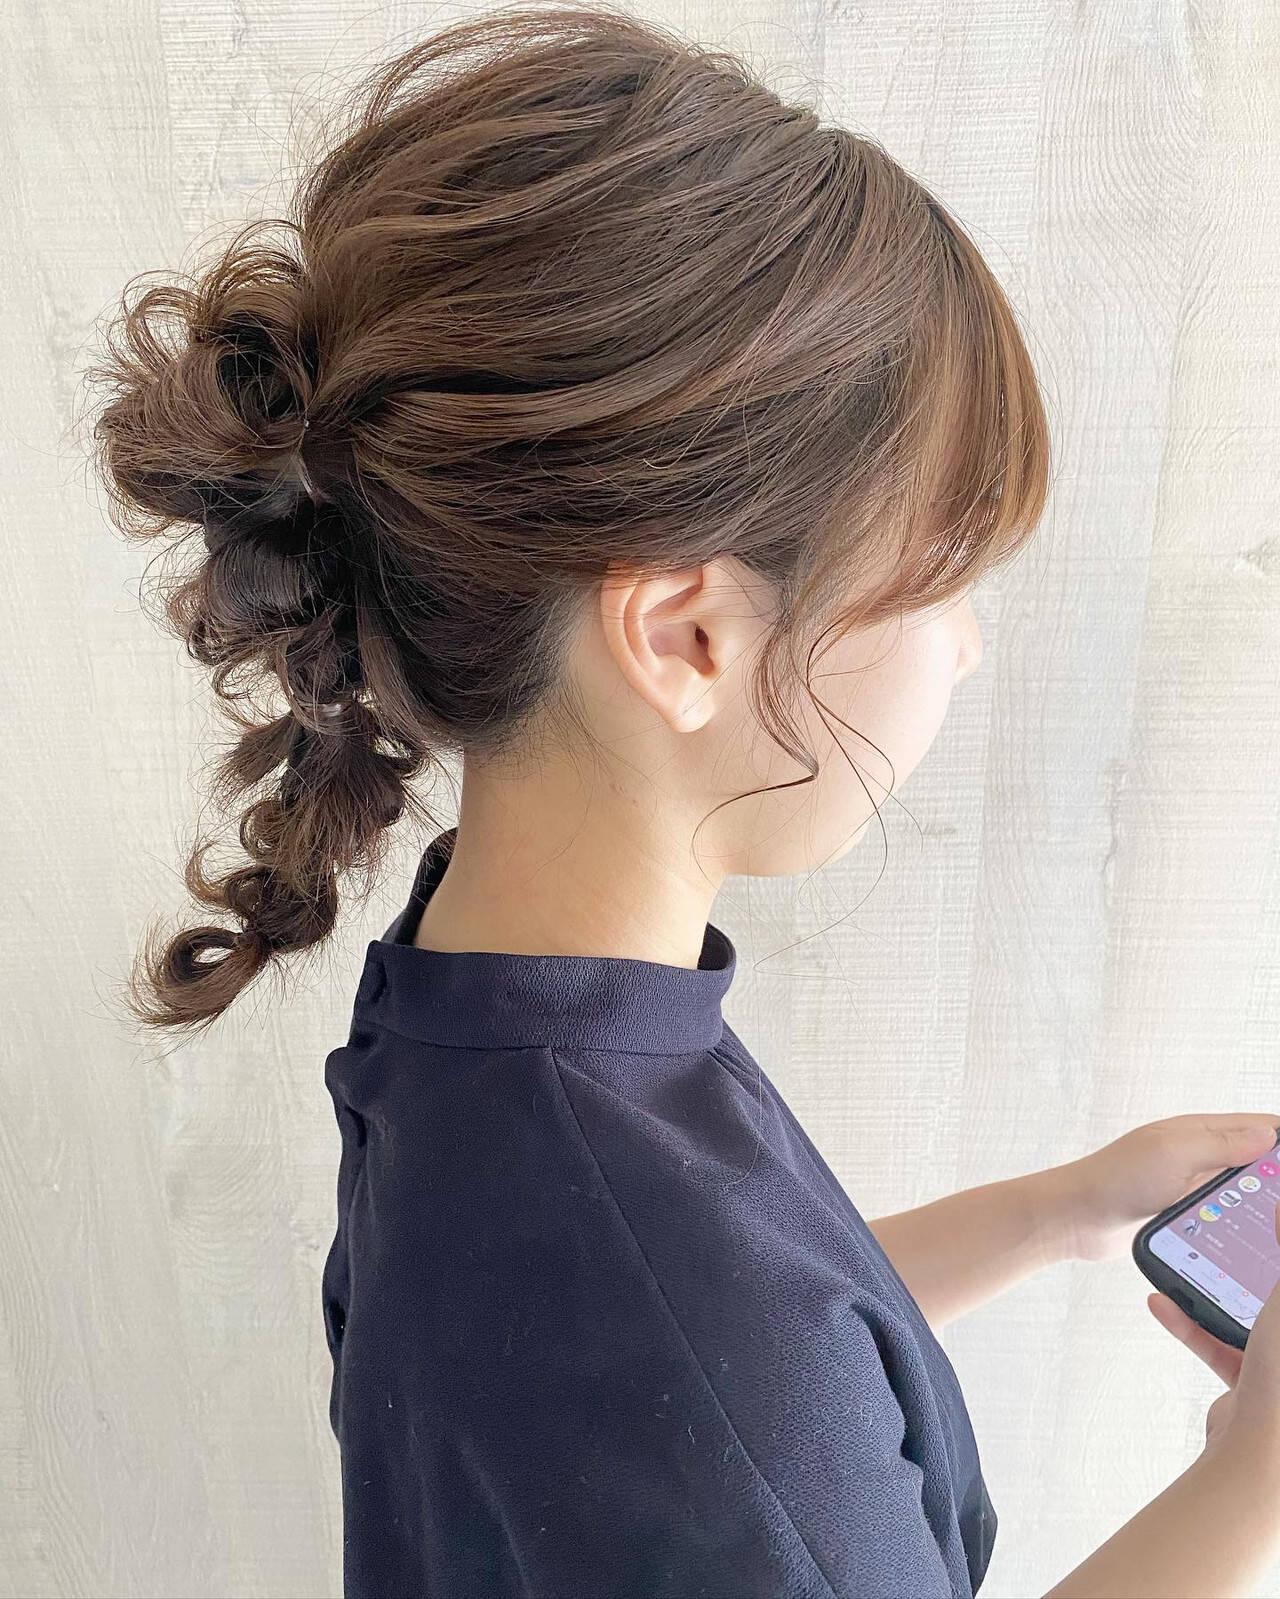 セミロング ナチュラル 結婚式アレンジ 編みおろしヘアヘアスタイルや髪型の写真・画像